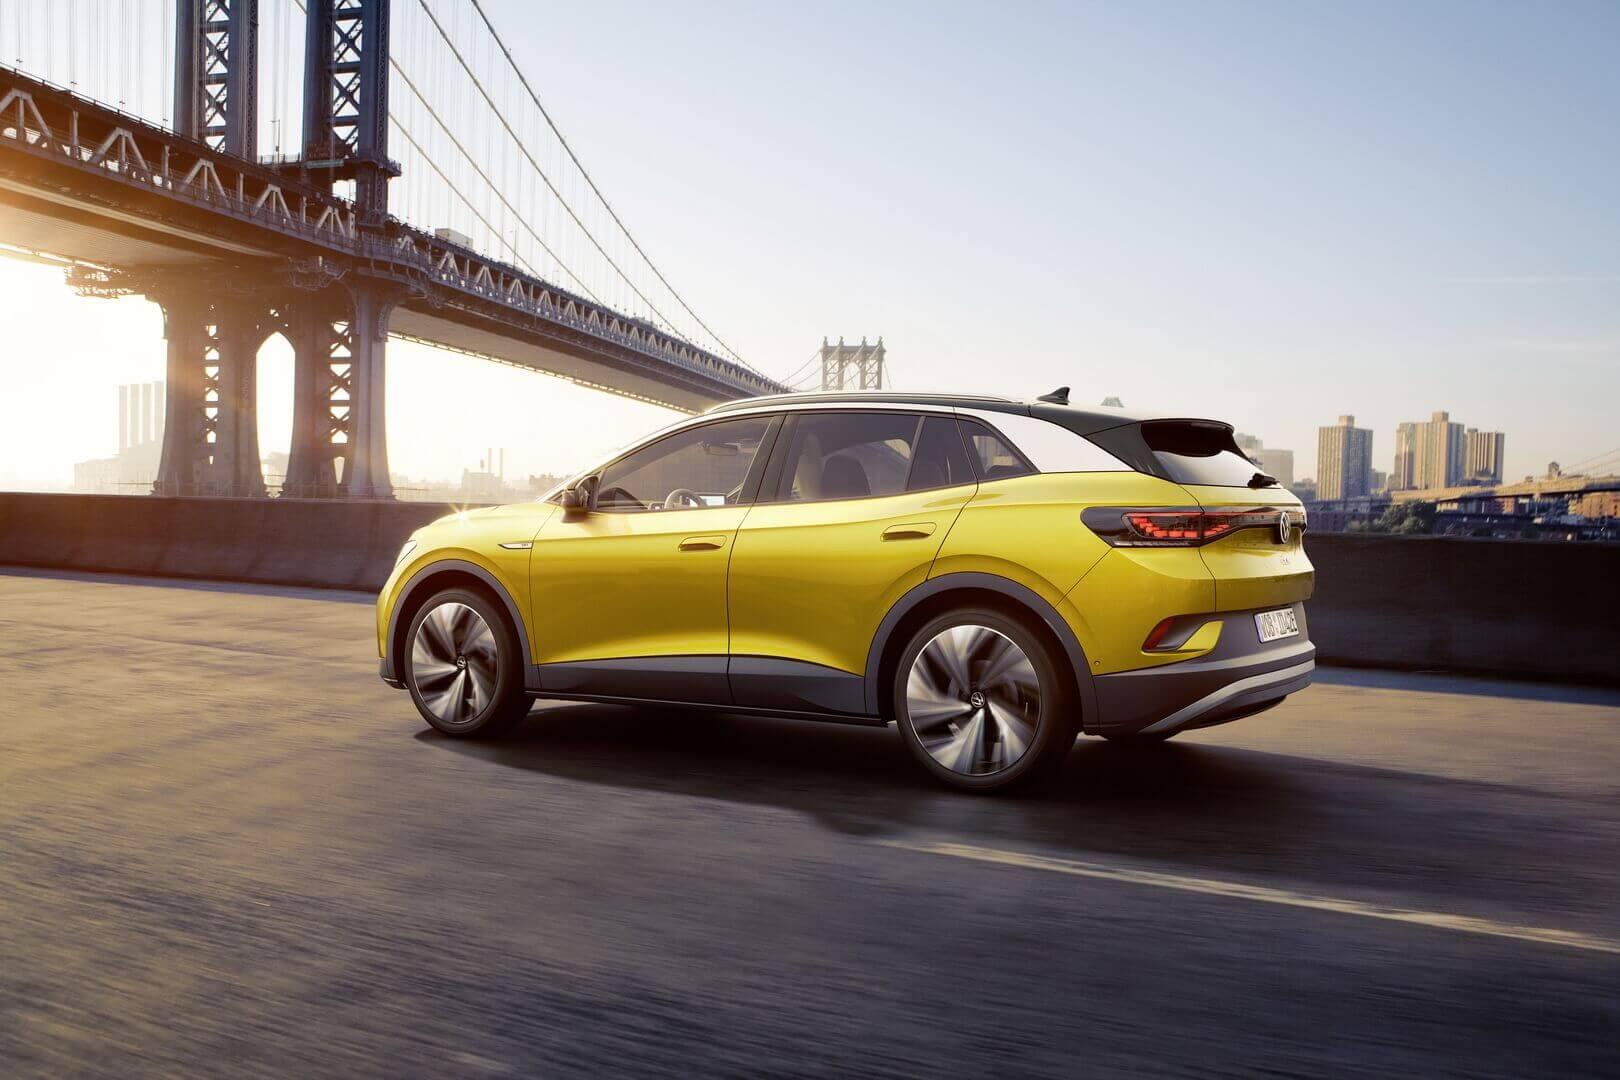 Заднеприводный Volkswagen ID.4 предлагает запас хода около 400 км по EPA